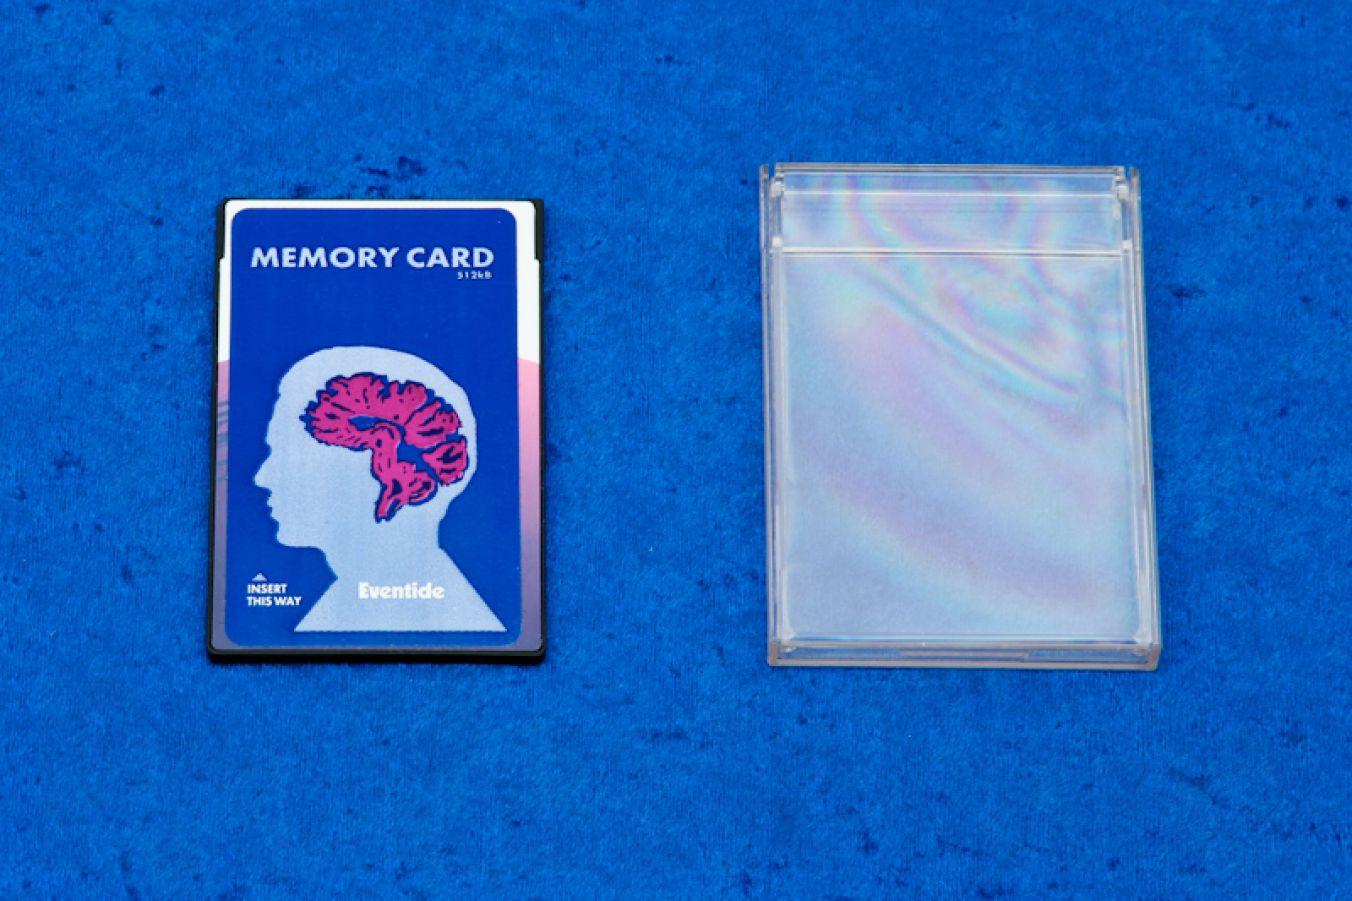 Eventide GTR PCMCIA Card f. DSP4000 Harmonizer